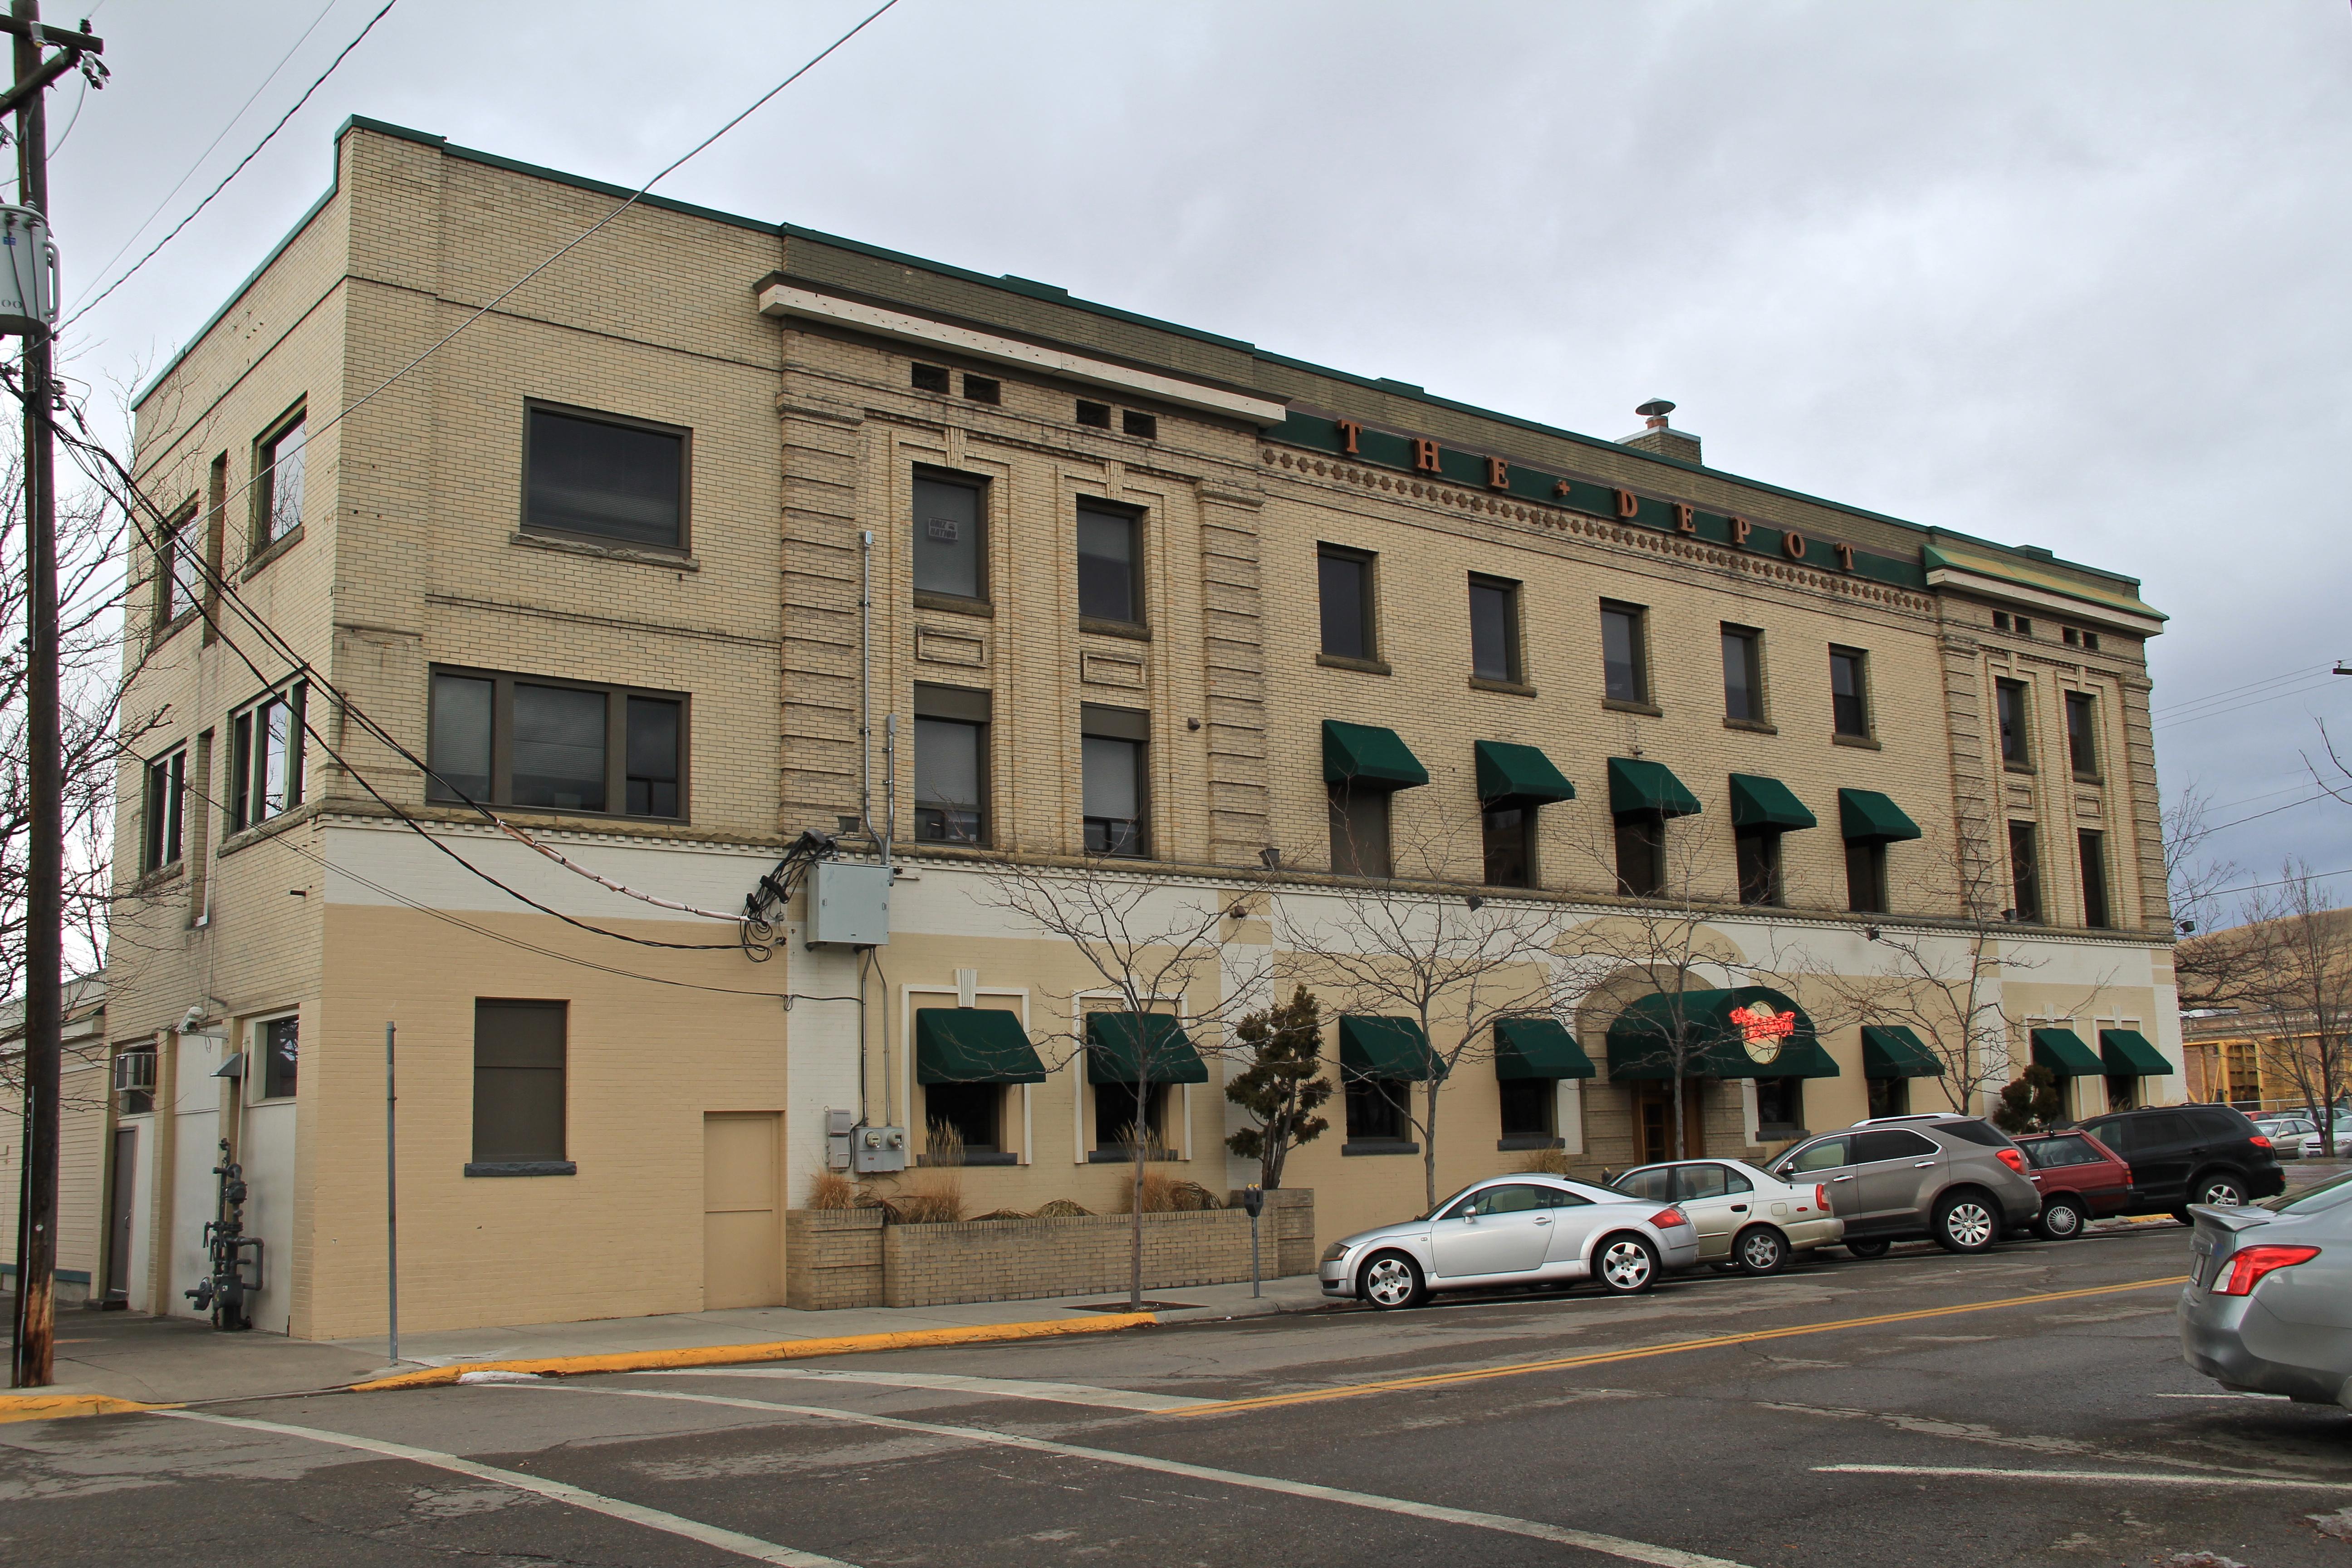 File The Depot Missoula Montana 2014 Jpg Wikimedia Commons